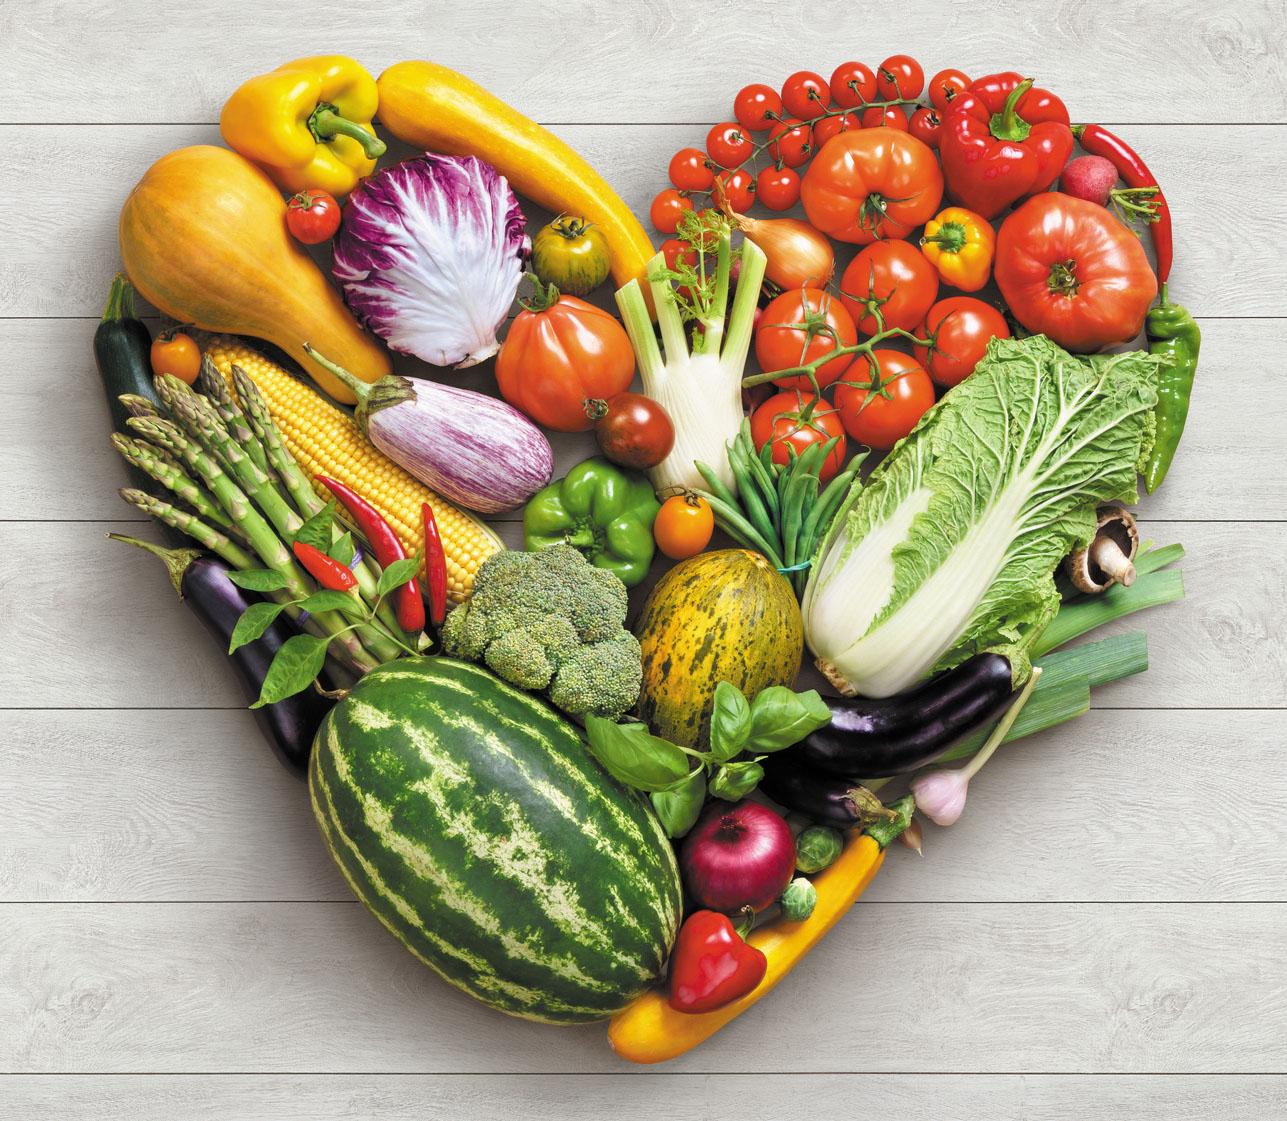 Plant Based Foods Market